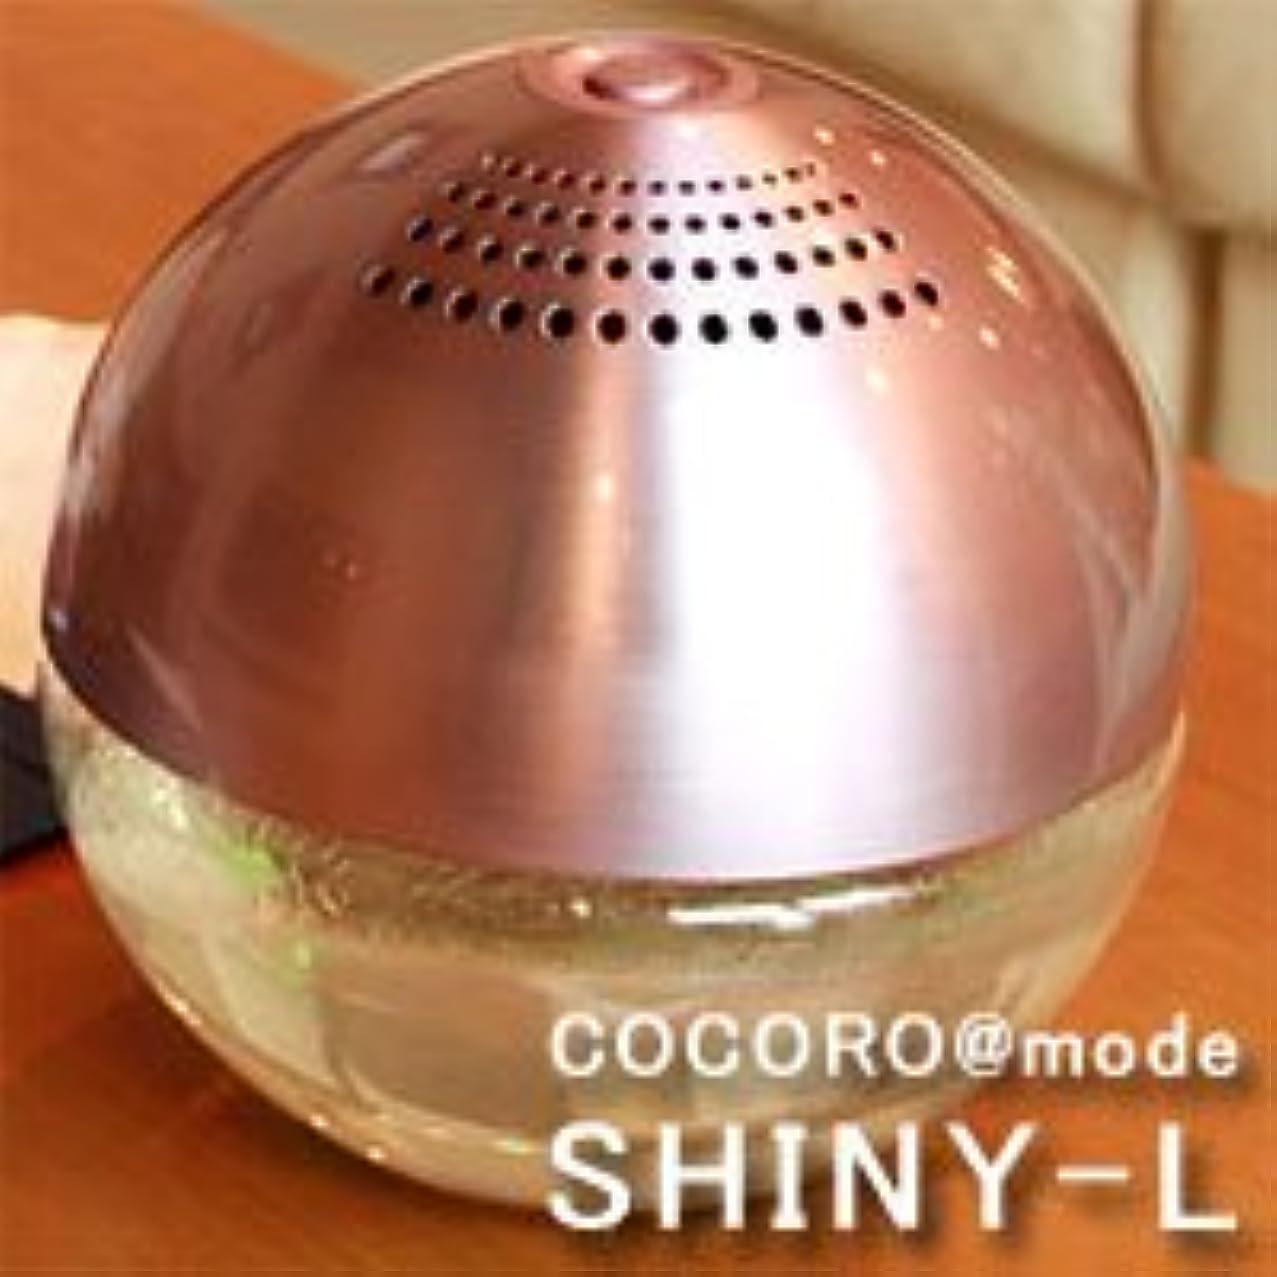 青乳白ネイティブCOCORO mode(ココロモード) 空気清浄機 シャイミー(旧名シャイニー) Lサイズ 約19×20×20cm (アロマソリューション10ml×3本付) ゴールド